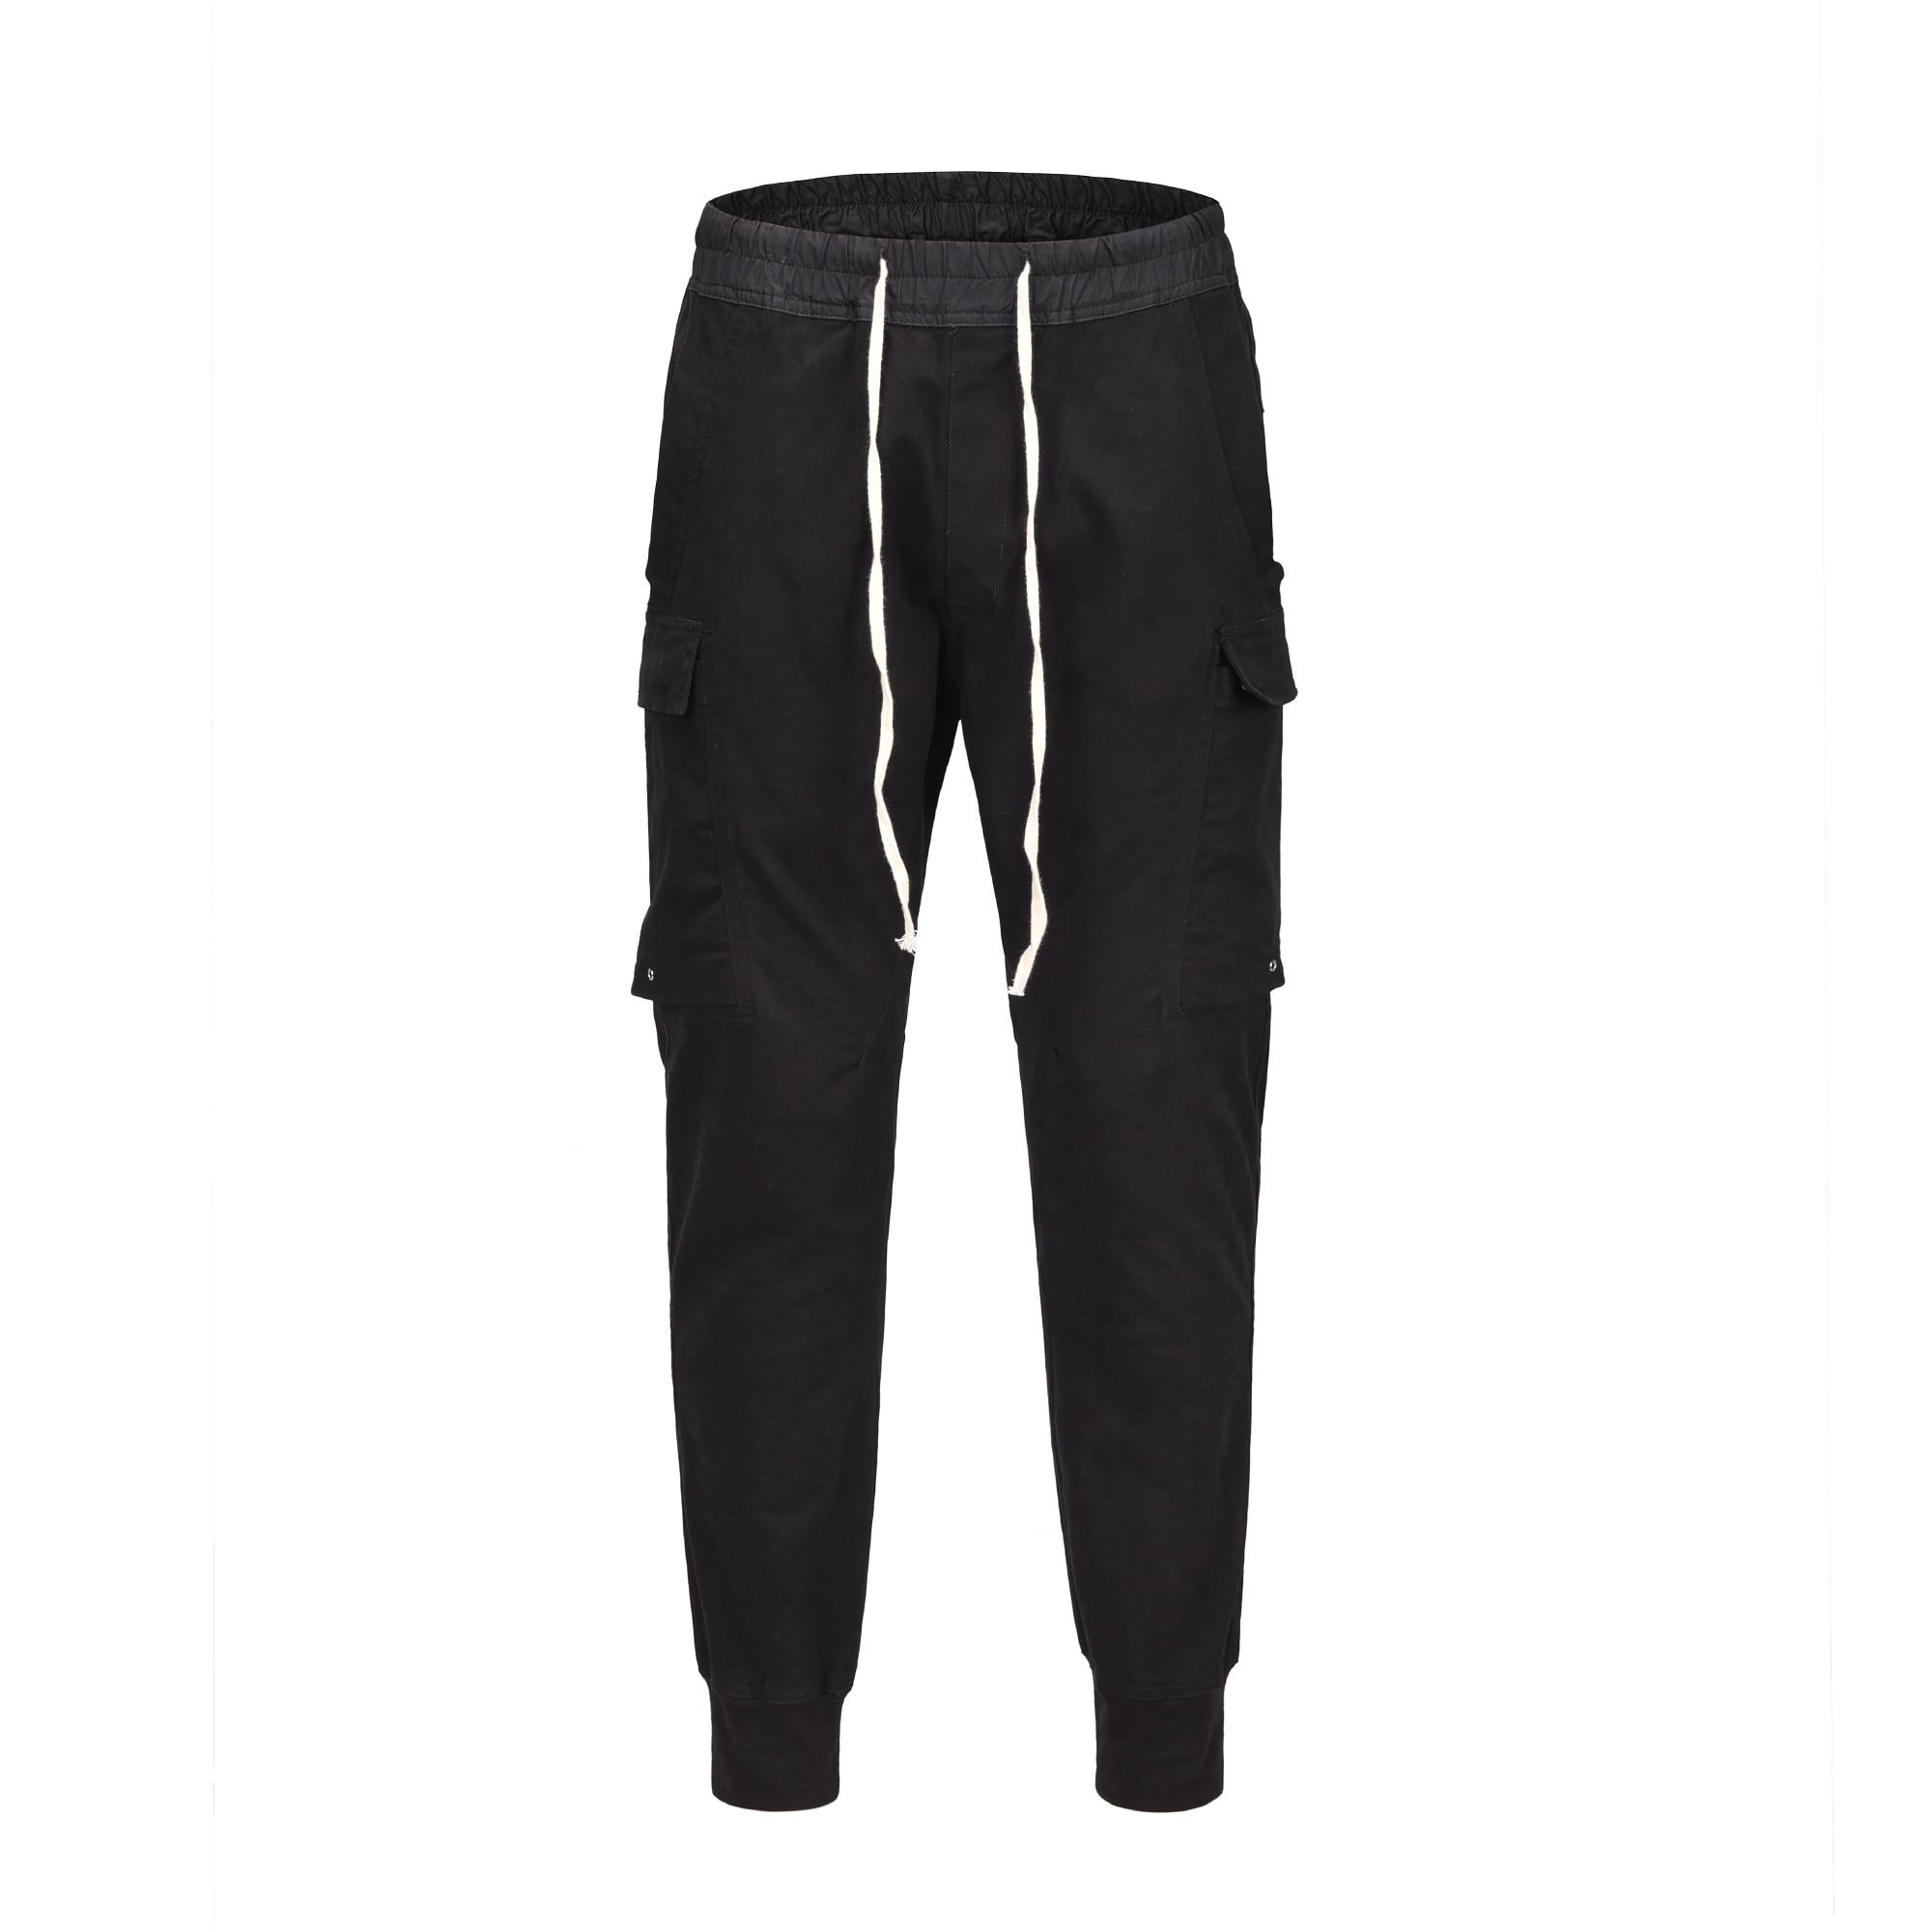 19ss nouvelle Europe amérique RO style 3D coupe slim multi-sac pantalon haute rue loisirs coton hommes pantalons de survêtement